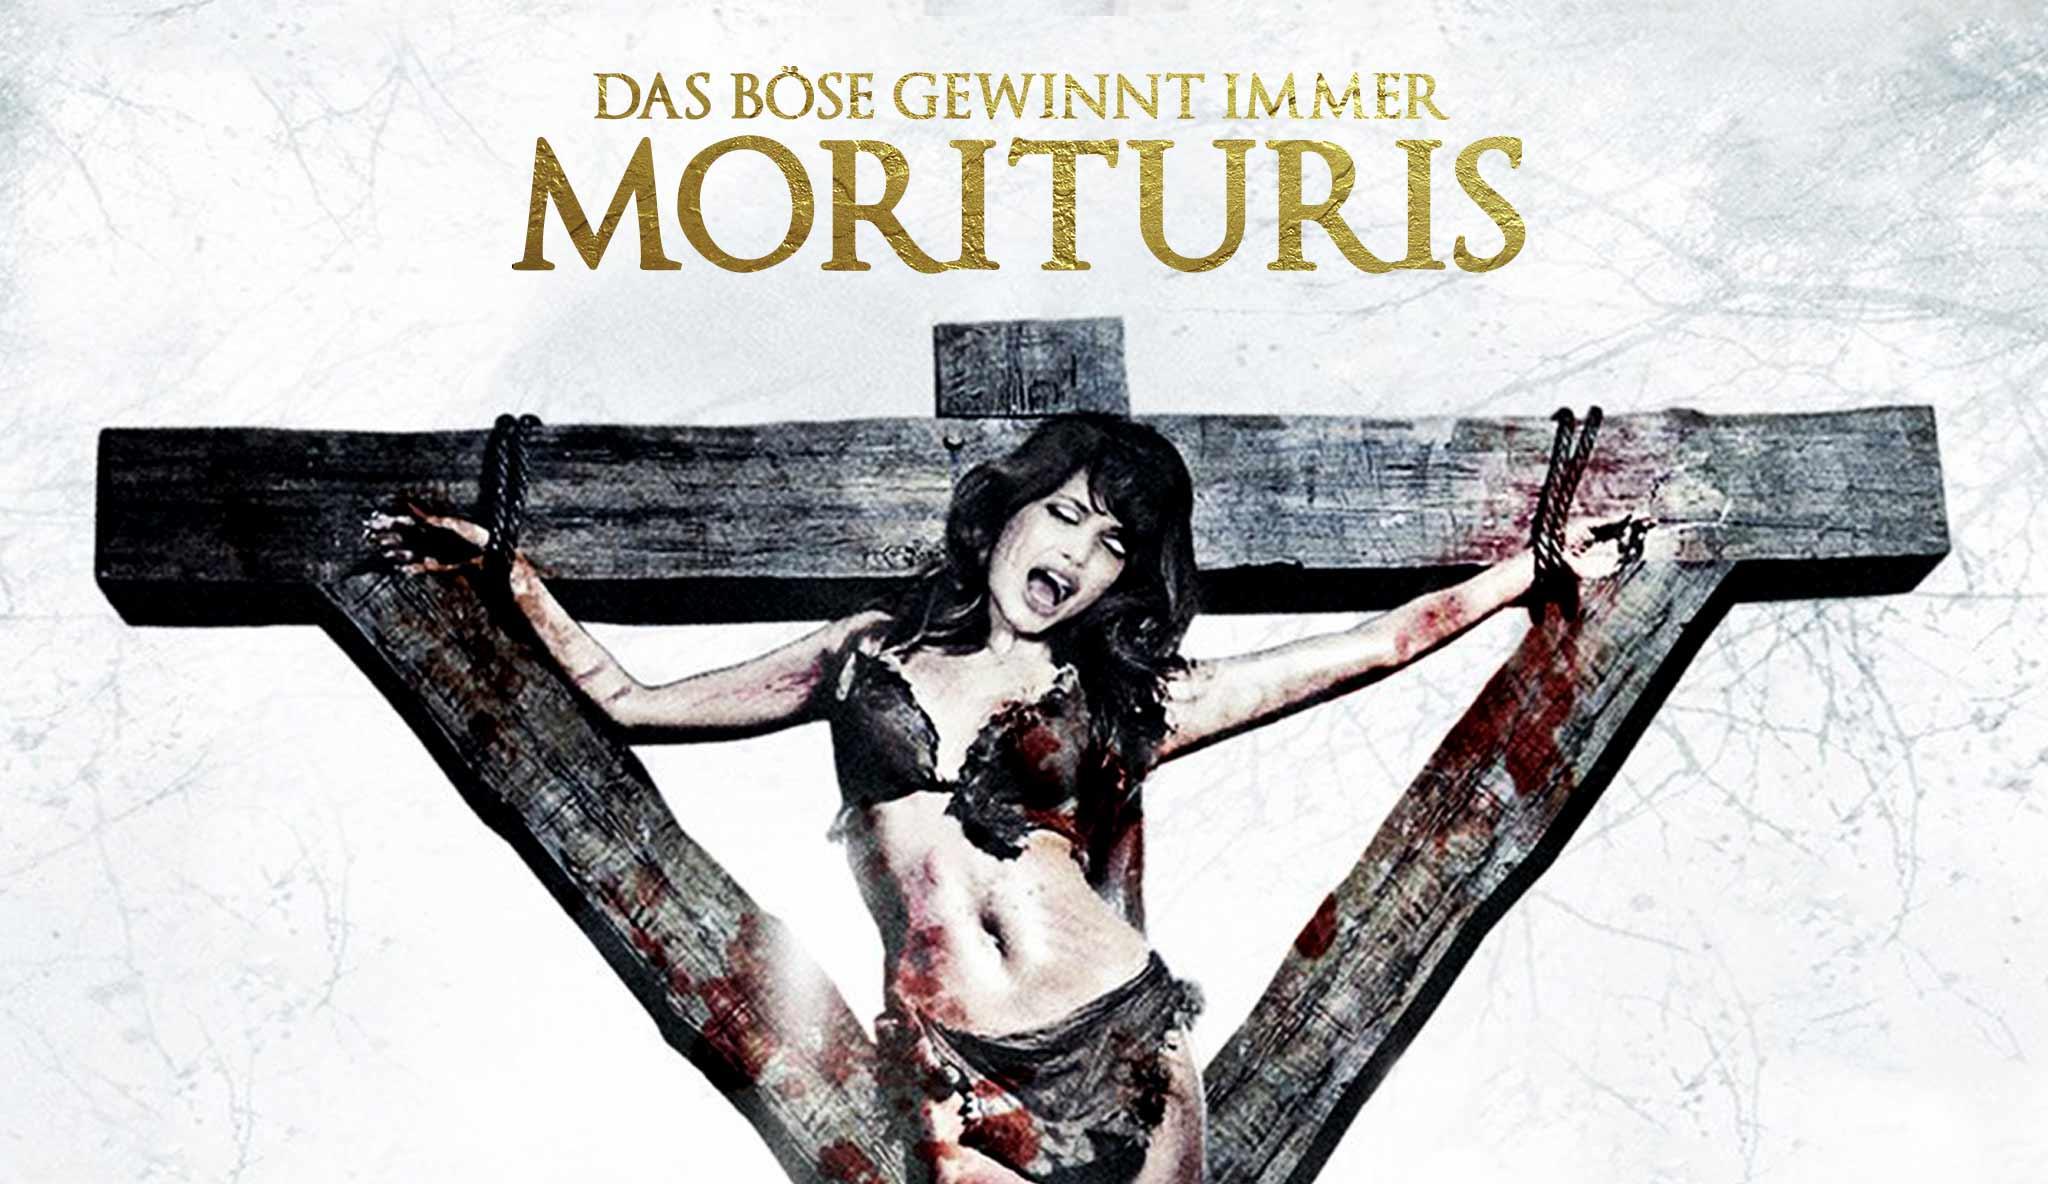 morituris-das-bose-gewinnt-immer\header.jpg